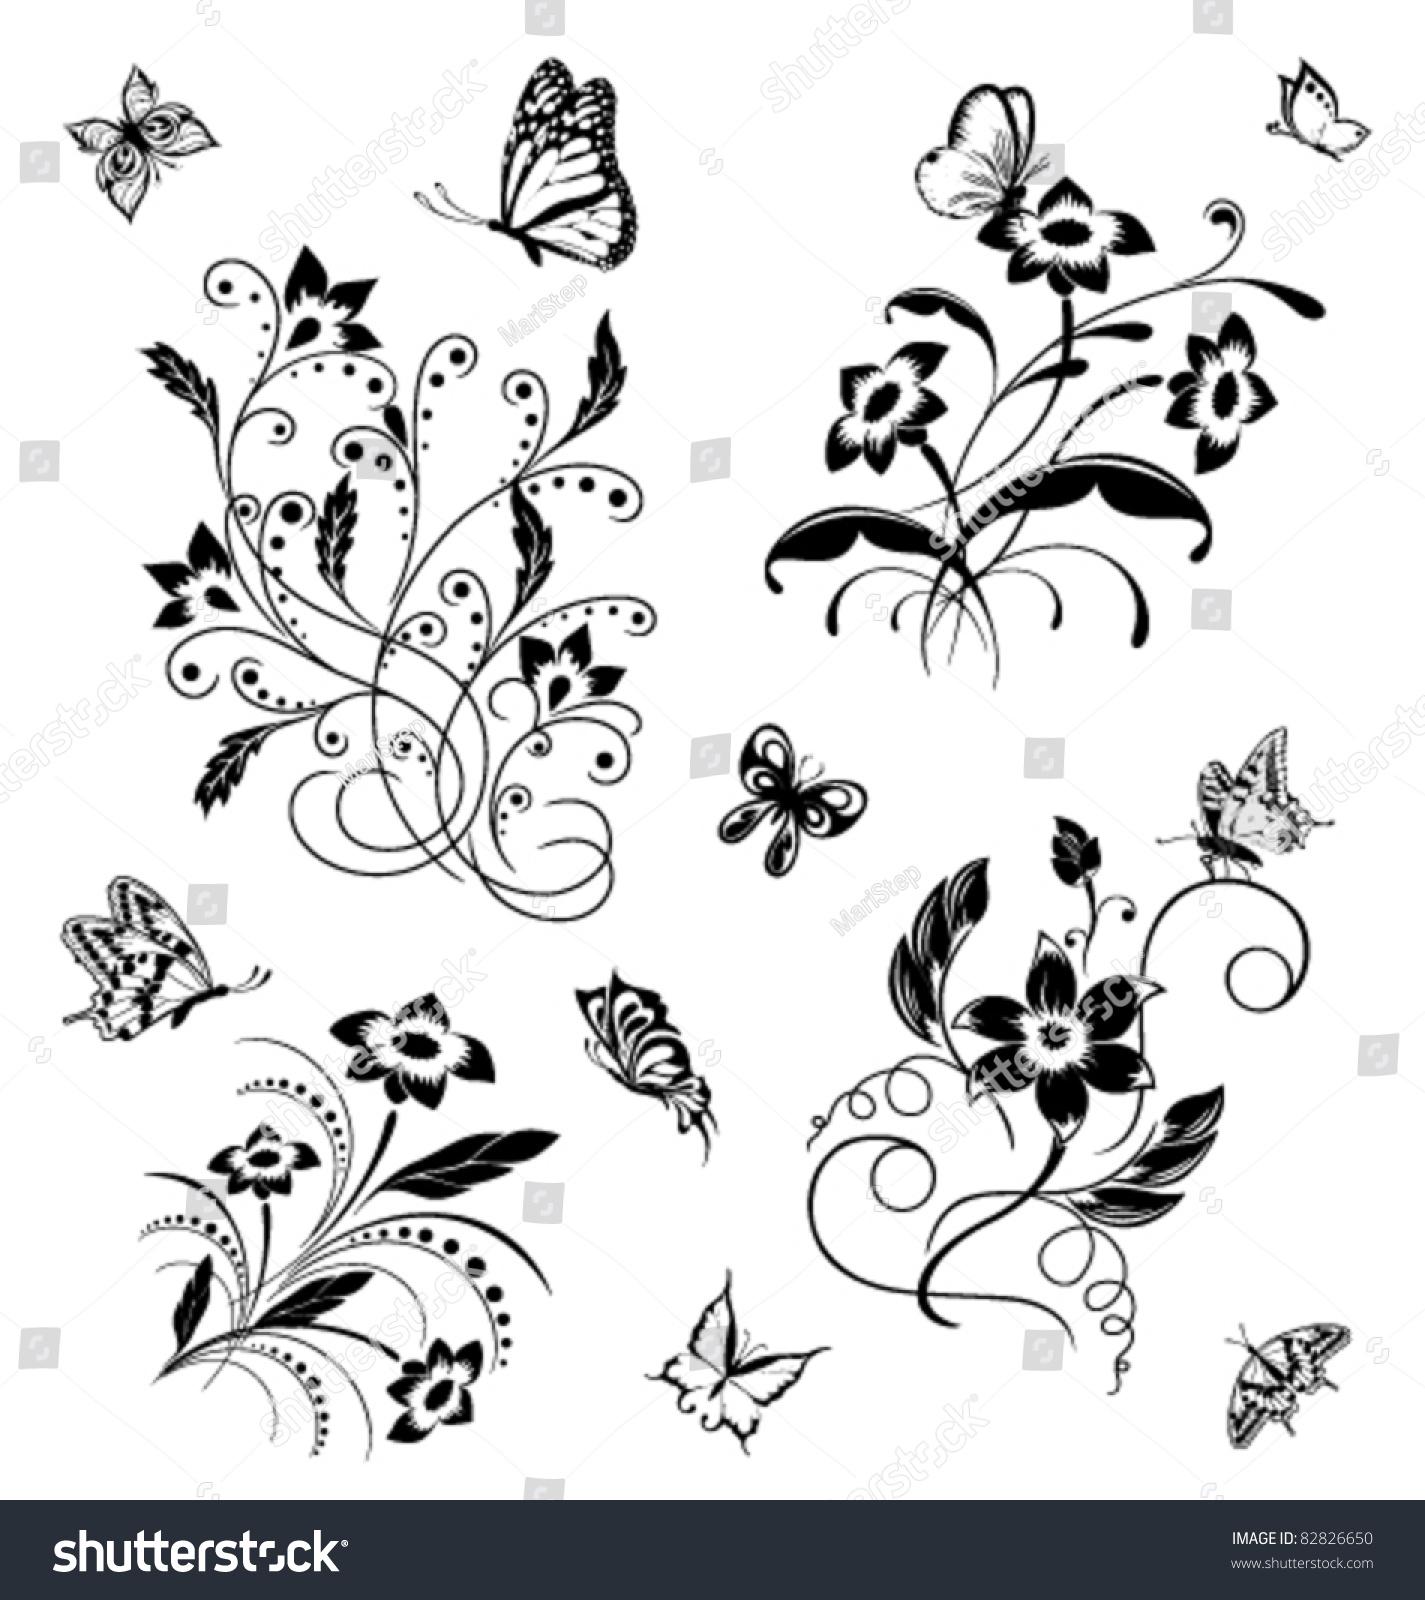 集花与蝴蝶图案-动物/野生生物,自然-海洛创意()-中国